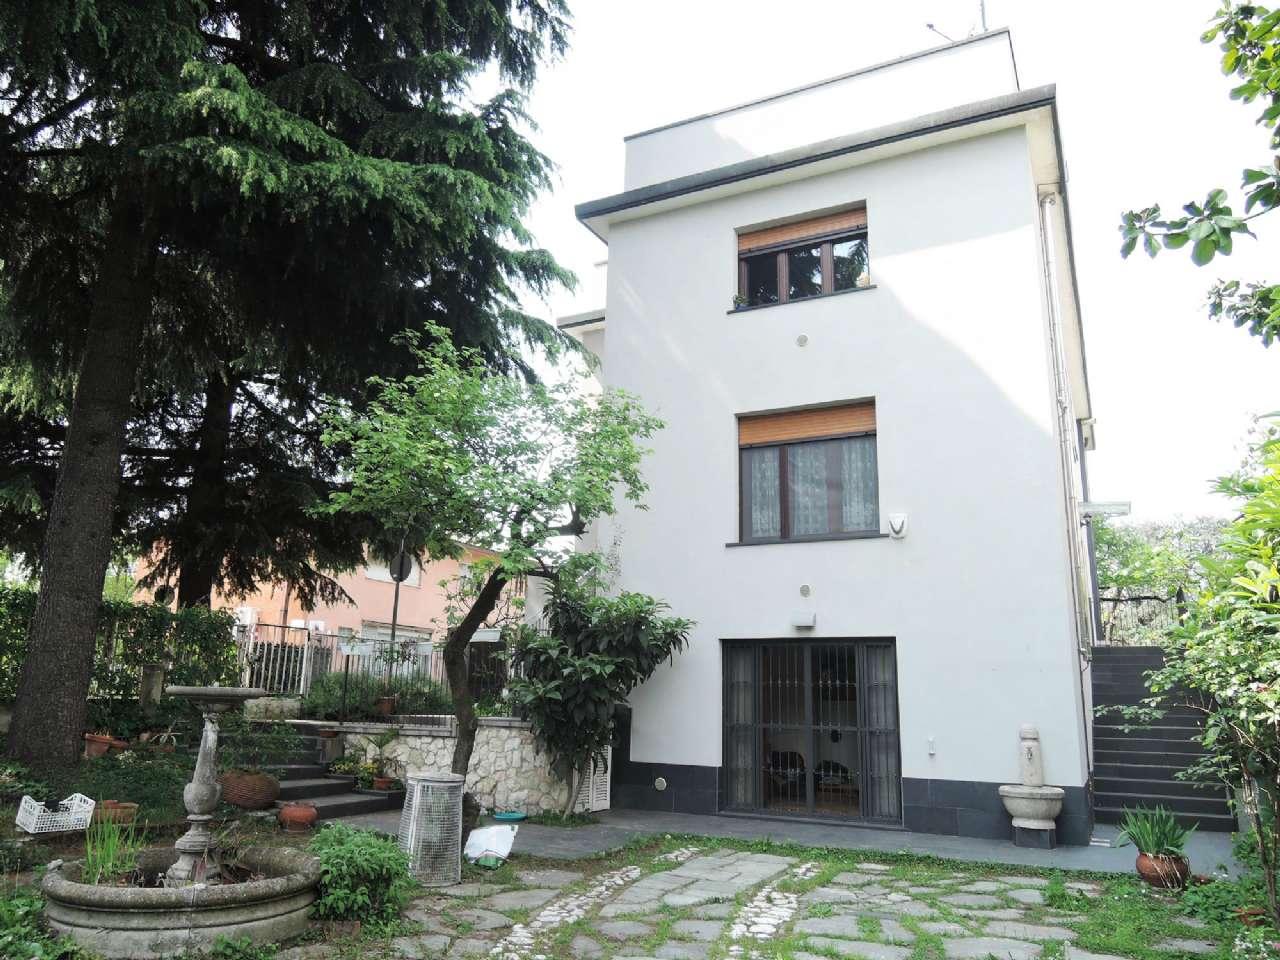 Appartamento in Vendita a Milano 18 Ippodromo / San Siro / Zavattari:  4 locali, 240 mq  - Foto 1